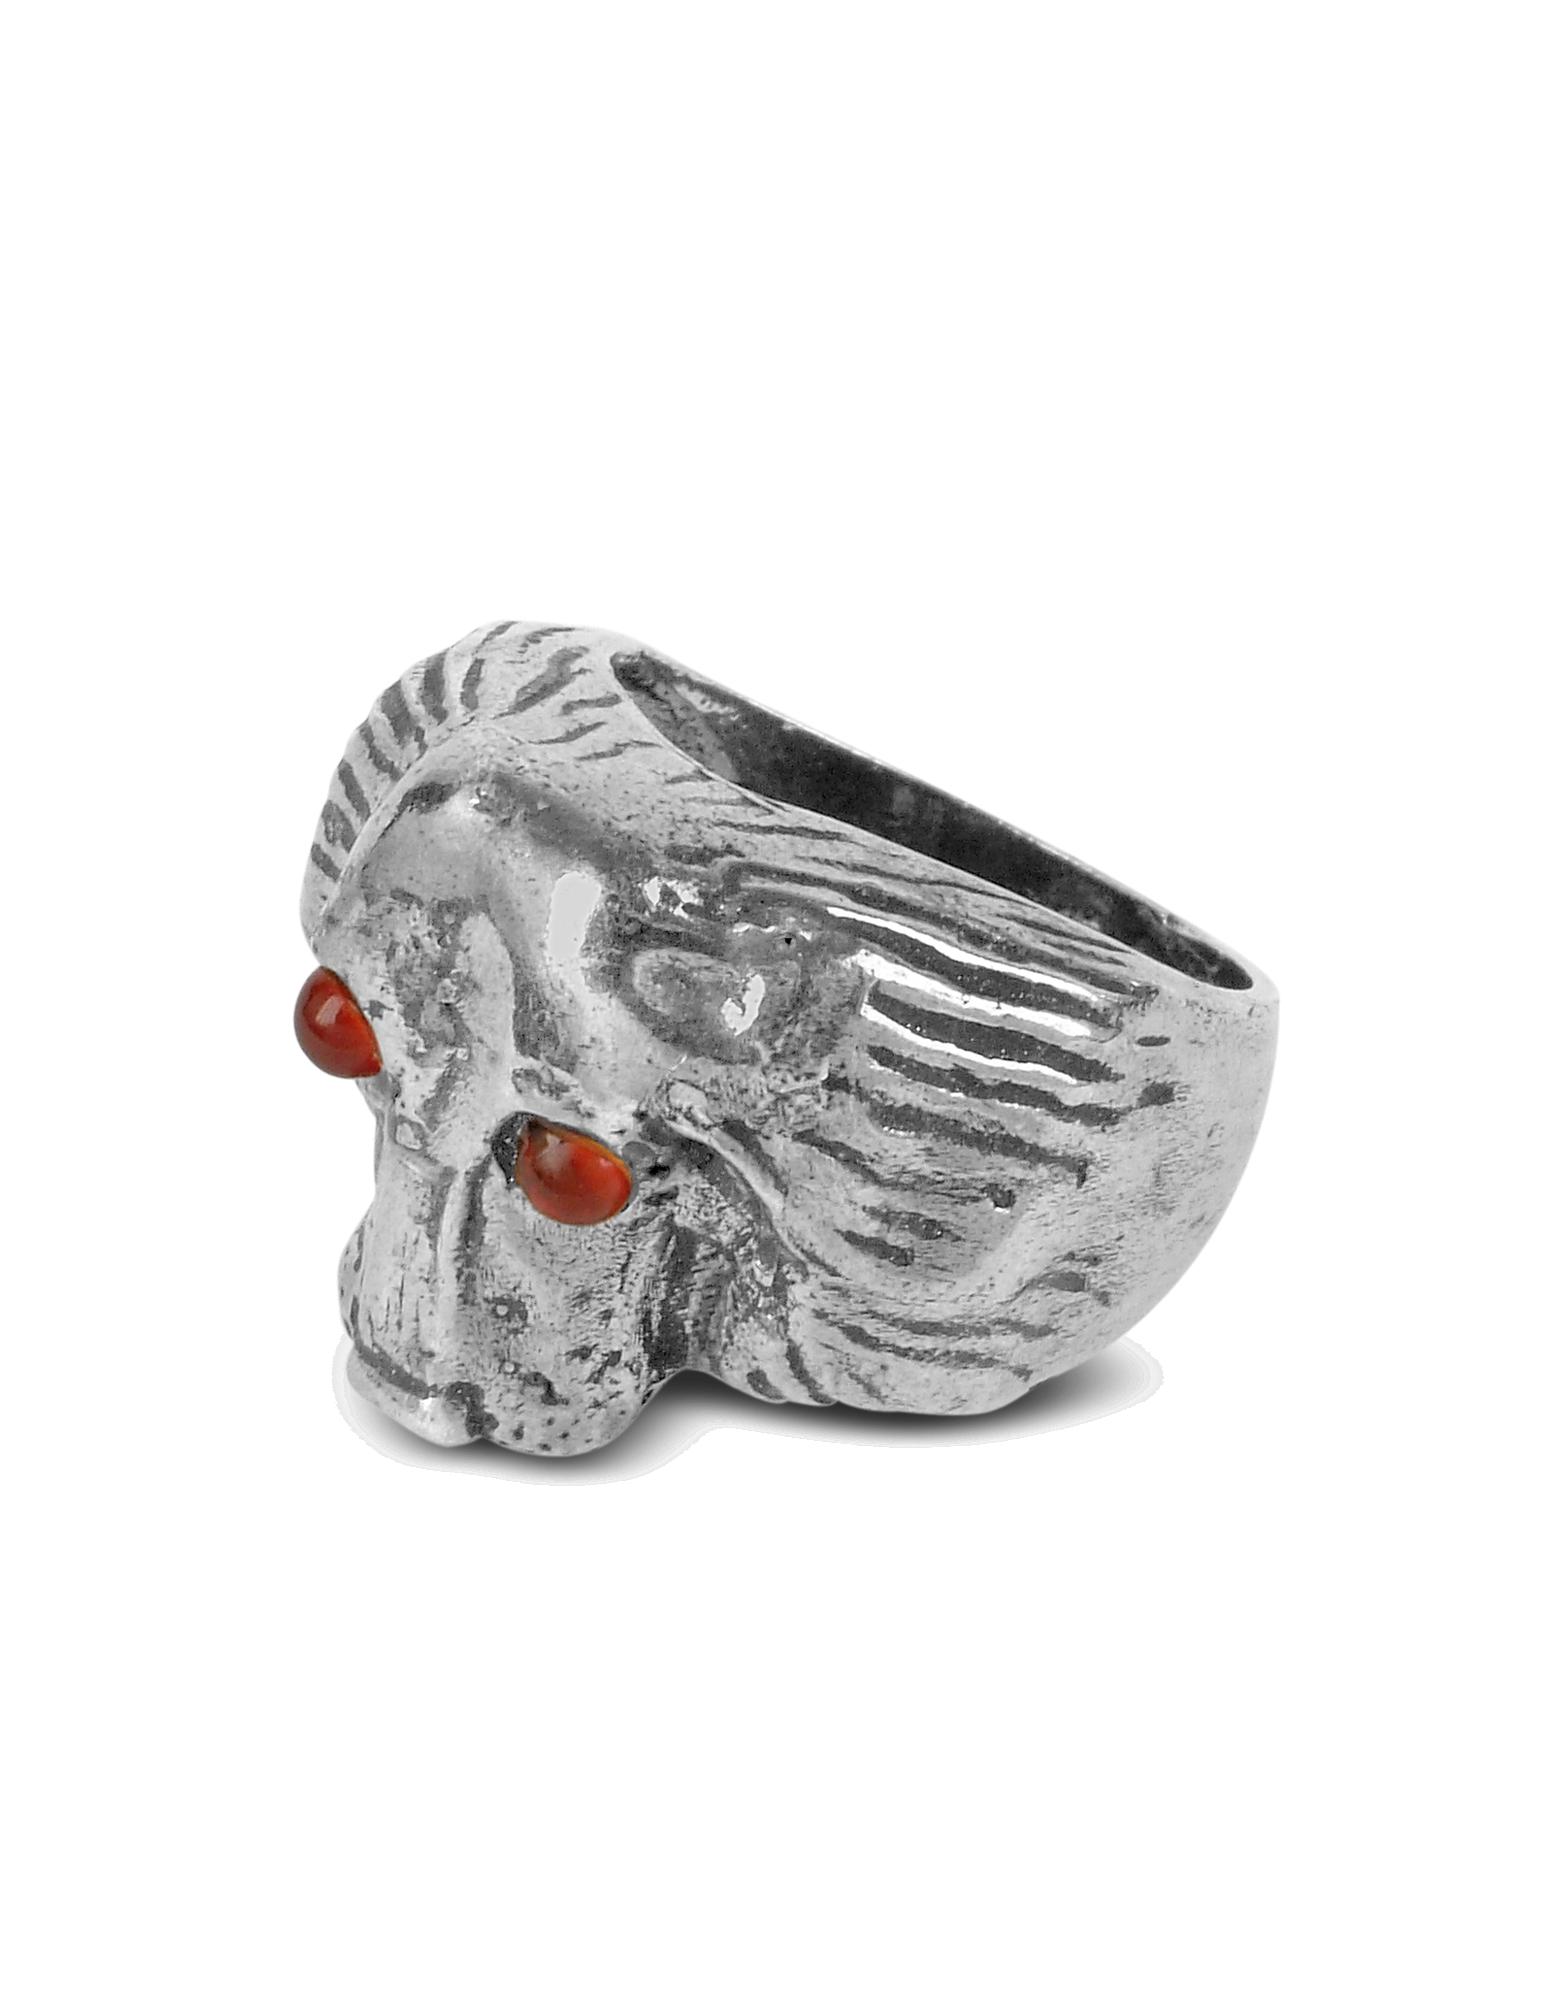 Image of Vintage Setter Sterling Silver Ring